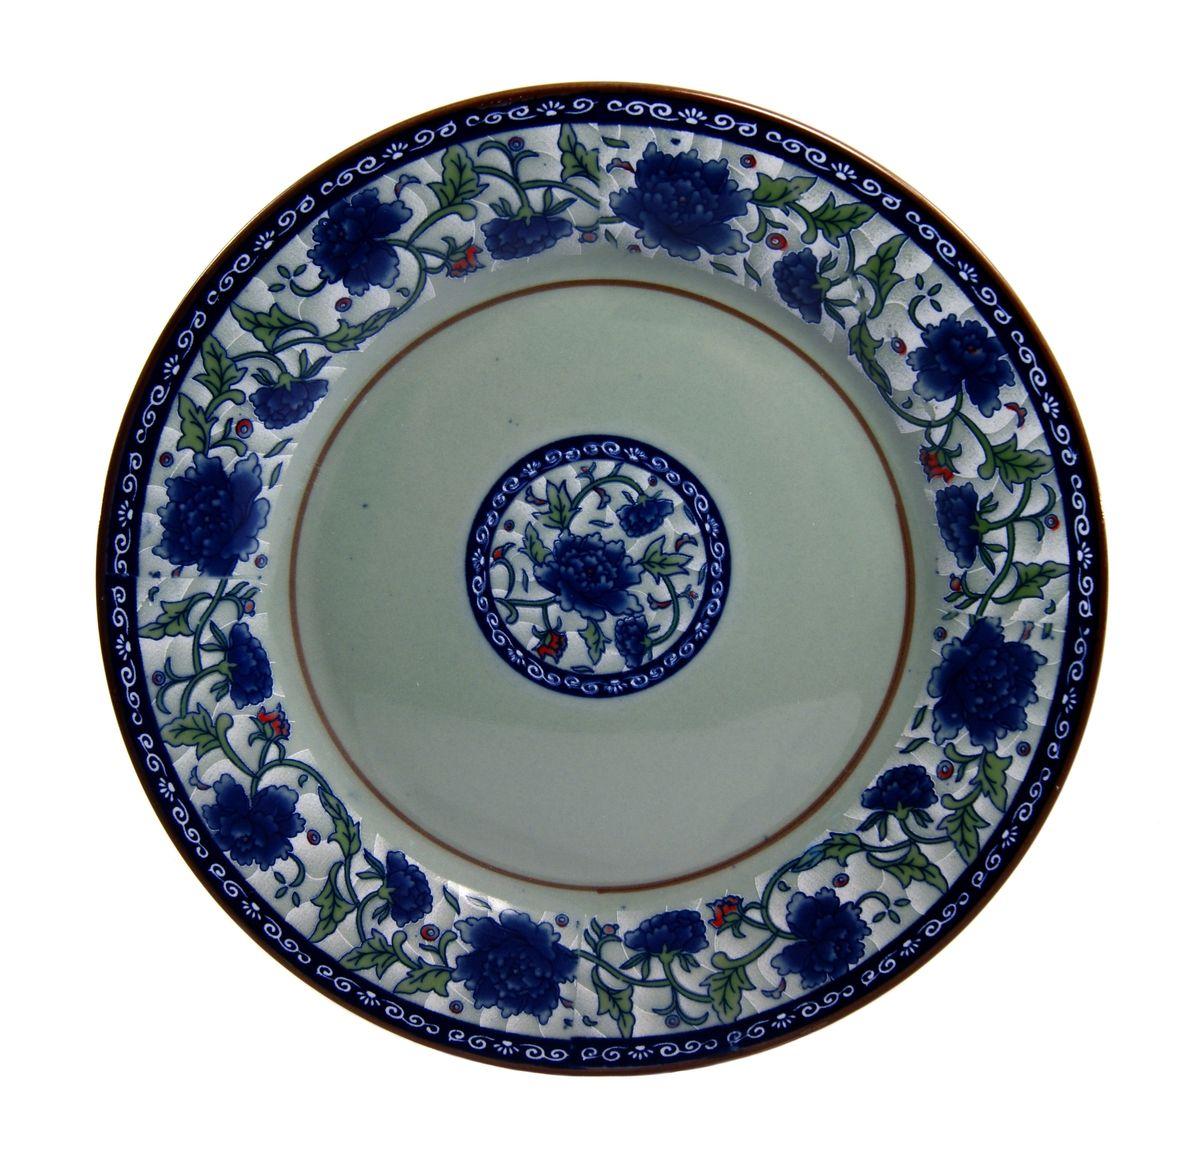 Тарелка для горячего Nanshan Porcelain Харбин, диаметр 25 смGNNSHB027Тарелка Nanshan Porcelain Харбин изготовлена из высококачественной керамики. Предназначена для красивой подачи различных блюд. Посуда безопасна для здоровья и окружающей среды. Внутренние стенки оформлены изящным узором. Такая тарелка украсит сервировку стола и подчеркнет прекрасный вкус хозяйки. Она дополнит коллекцию вашей кухонной посуды и будет служить долгие годы. Можно мыть в посудомоечной машине и использовать в СВЧ. Диаметр: 25 см. Высота: 2 см.